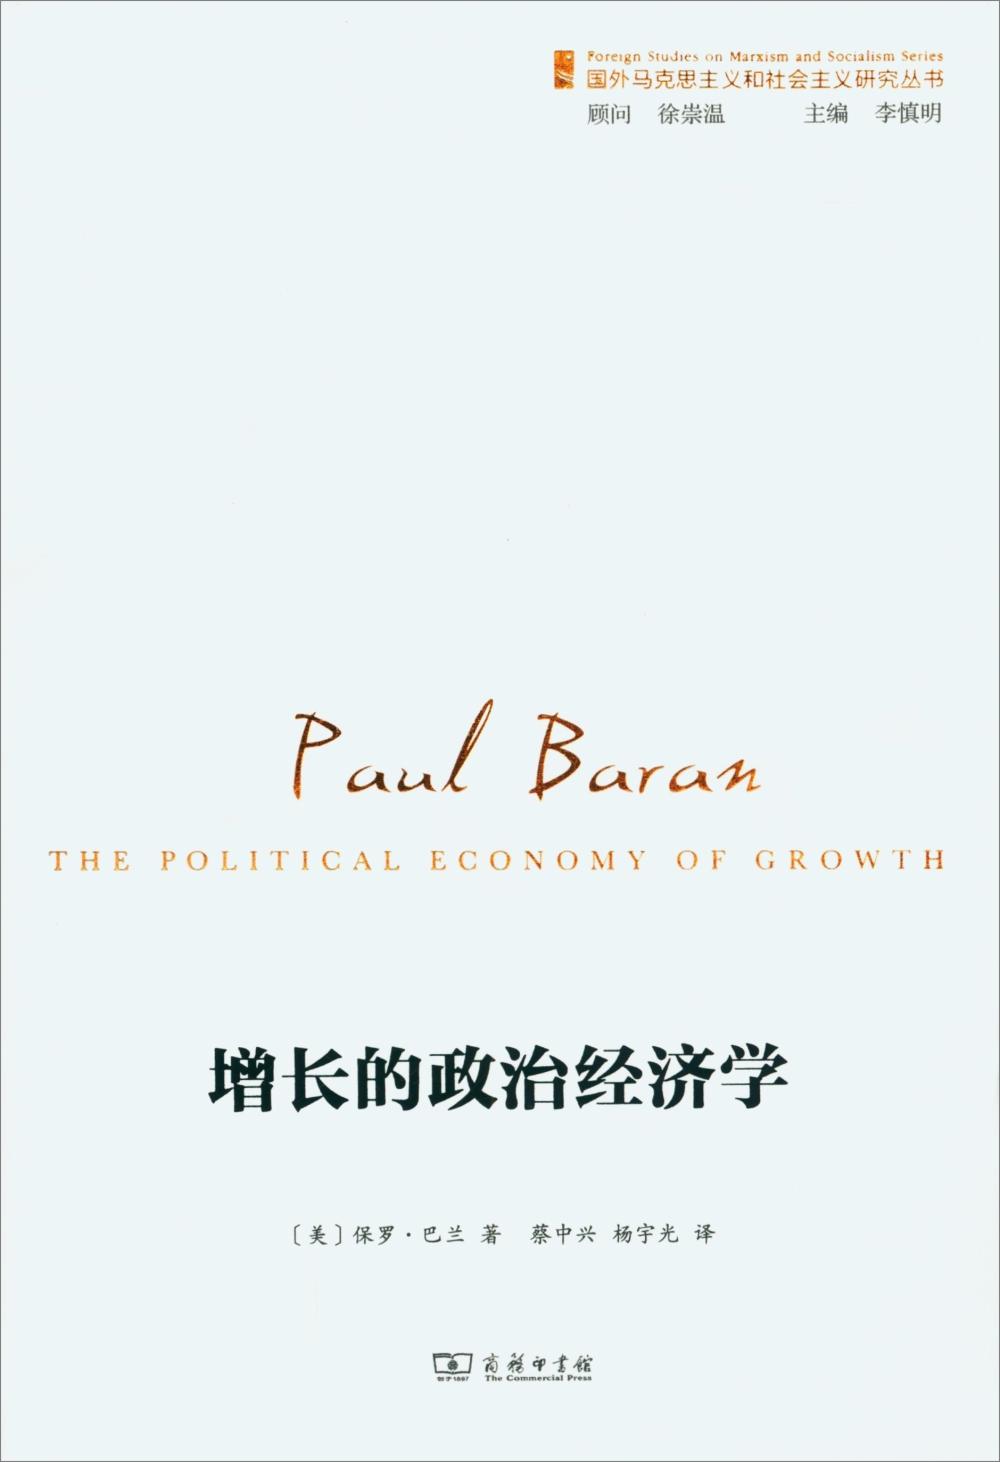 增長的政治經濟學